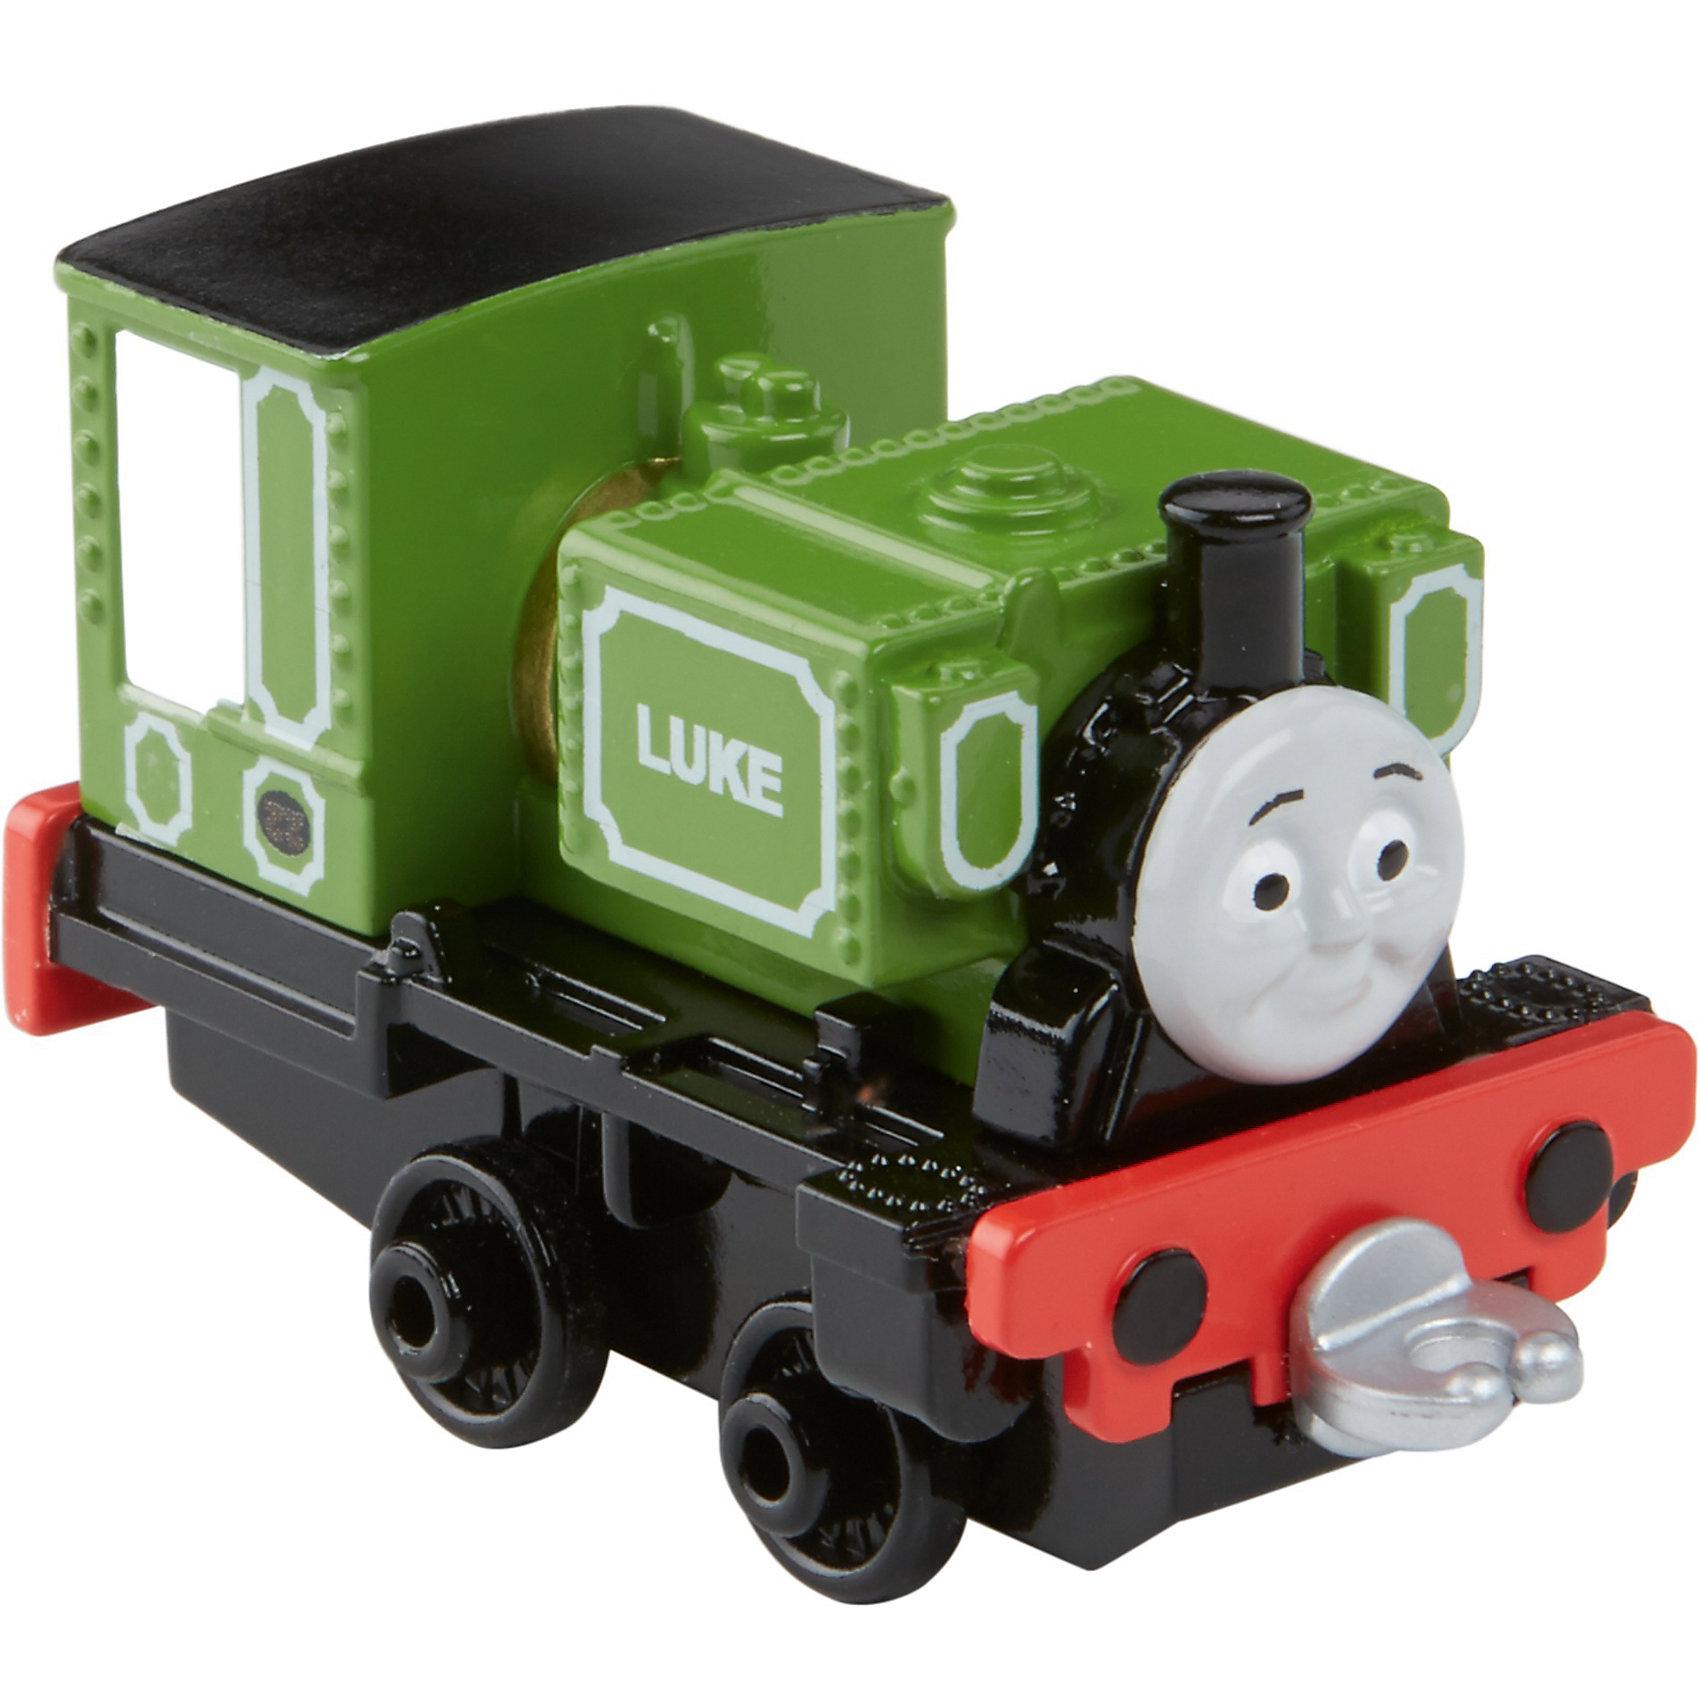 Mattel Паровозик Люк, Fisher Price, Томас и его друзья mattel игрушки веселые друзья со звуком fisher price в ассортименте